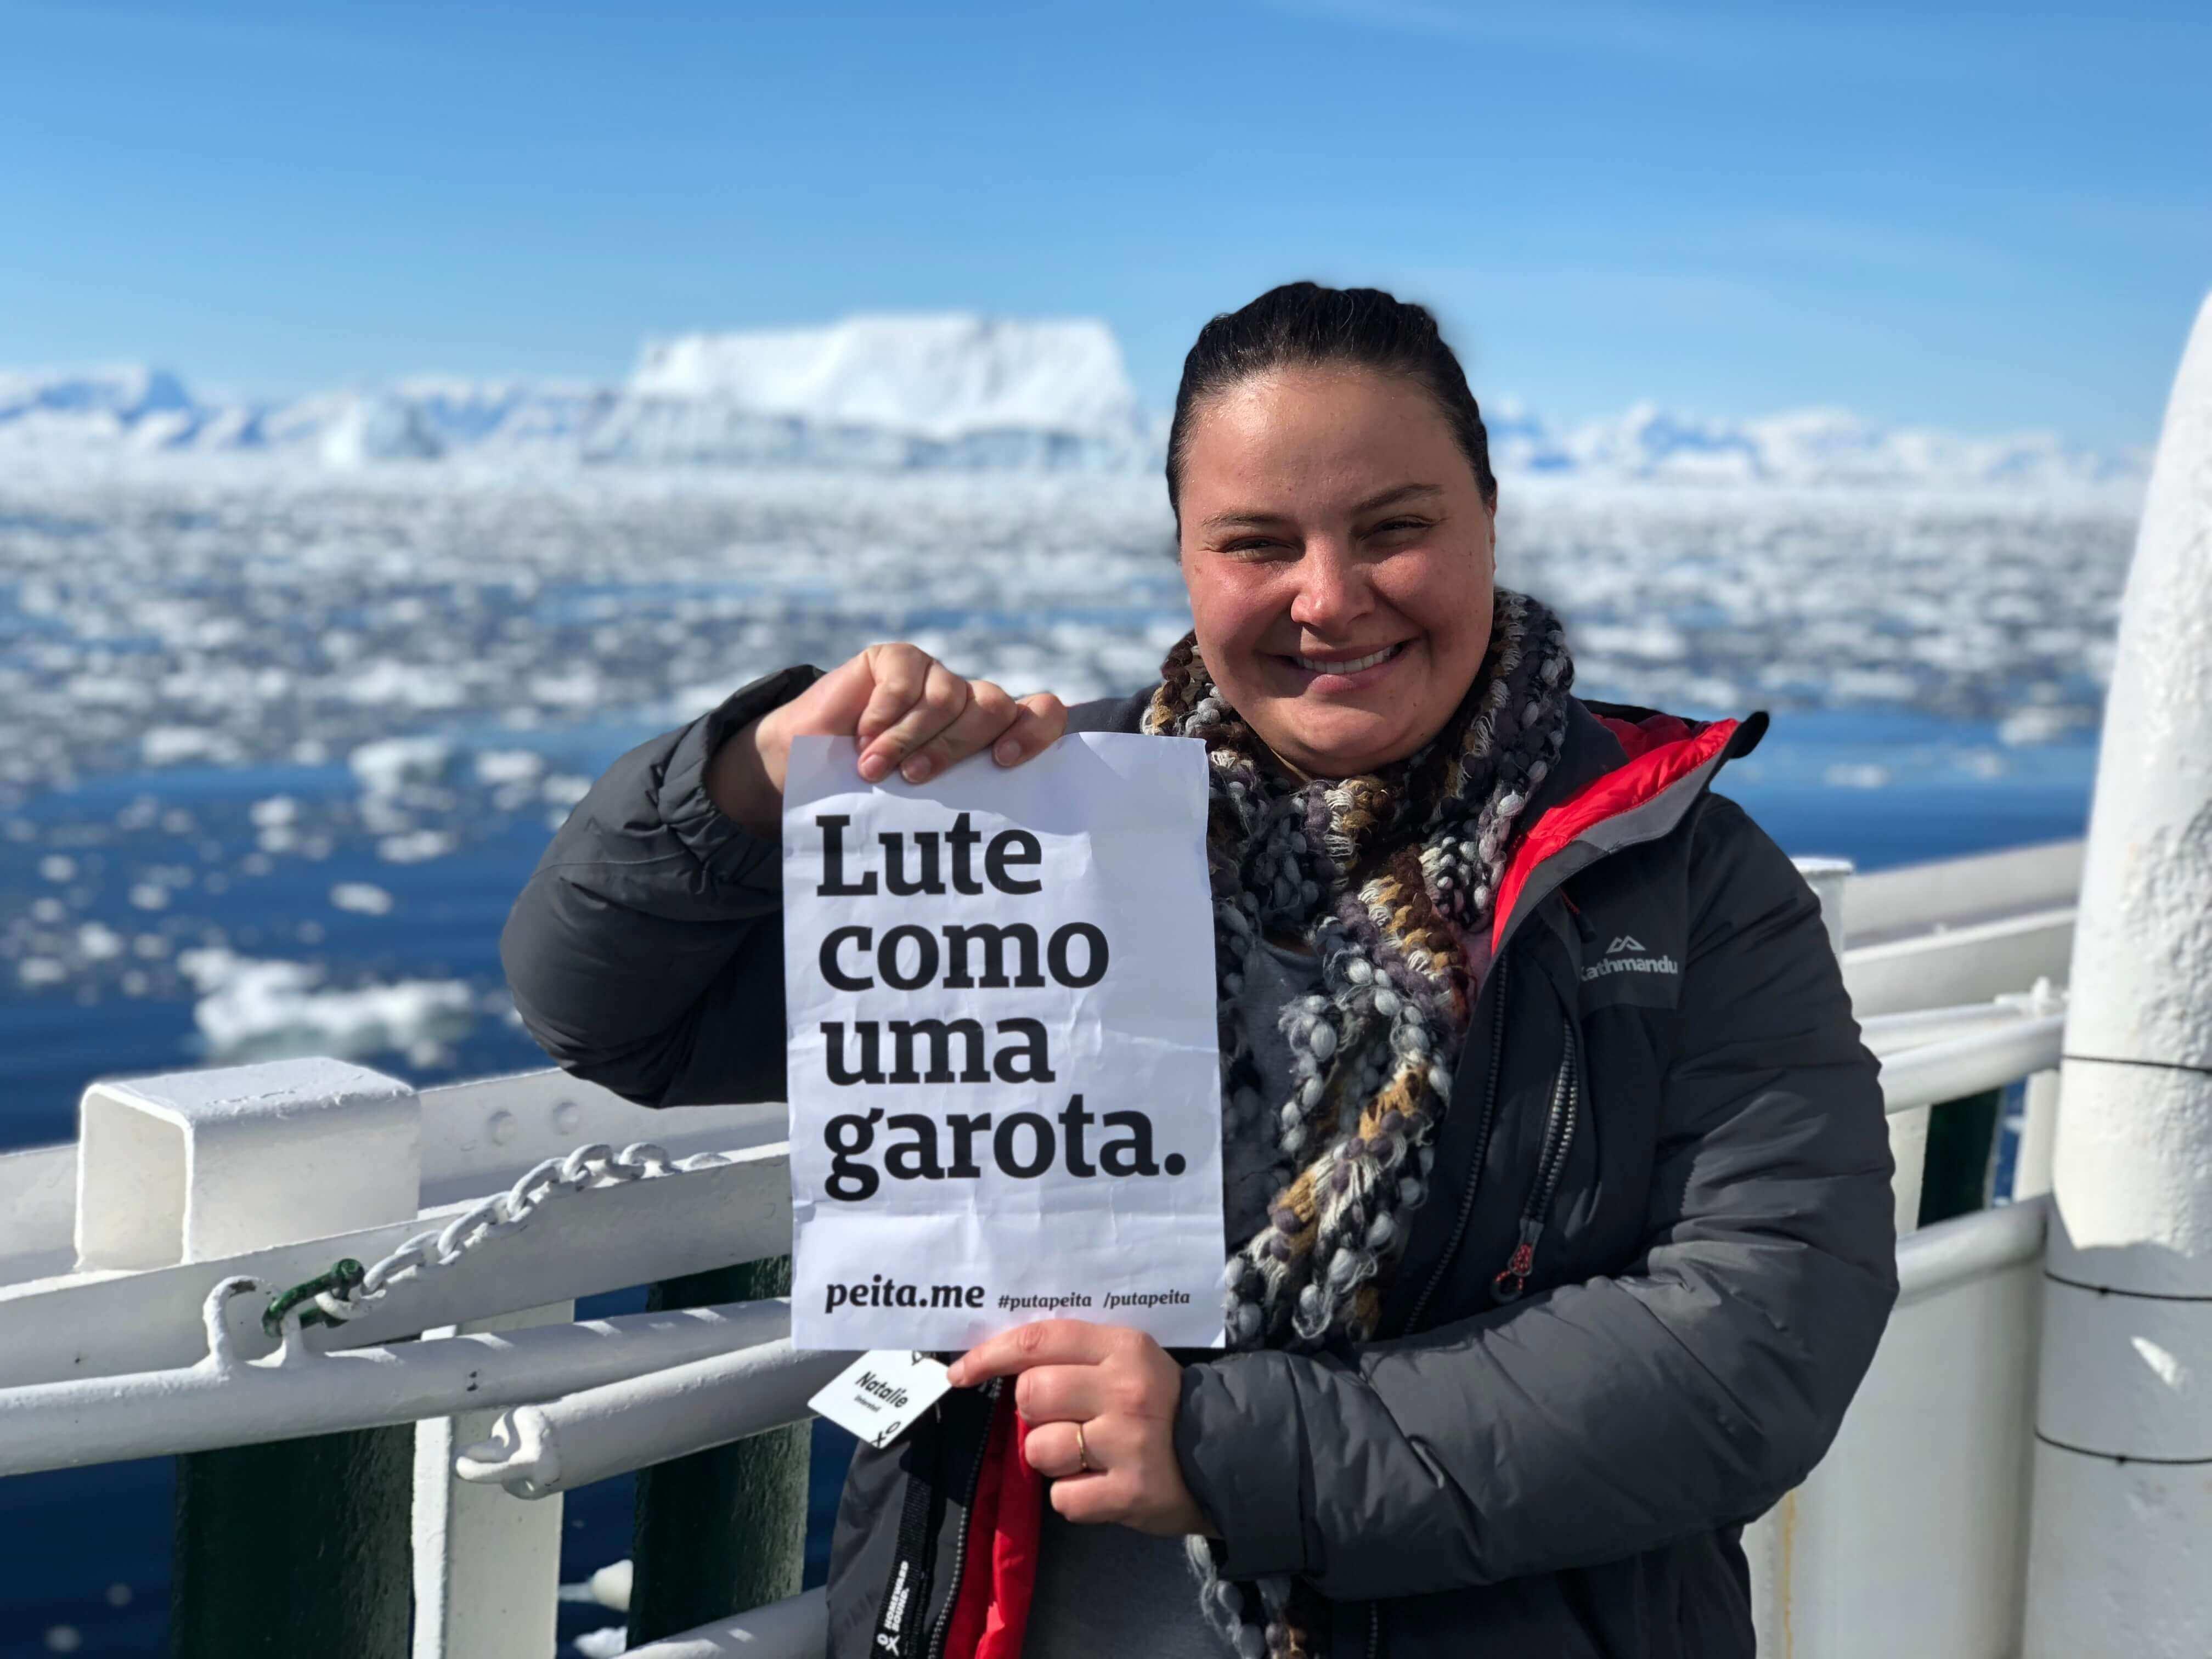 Natalie na Antártida com o cartaz escrito Lute como uma Garota